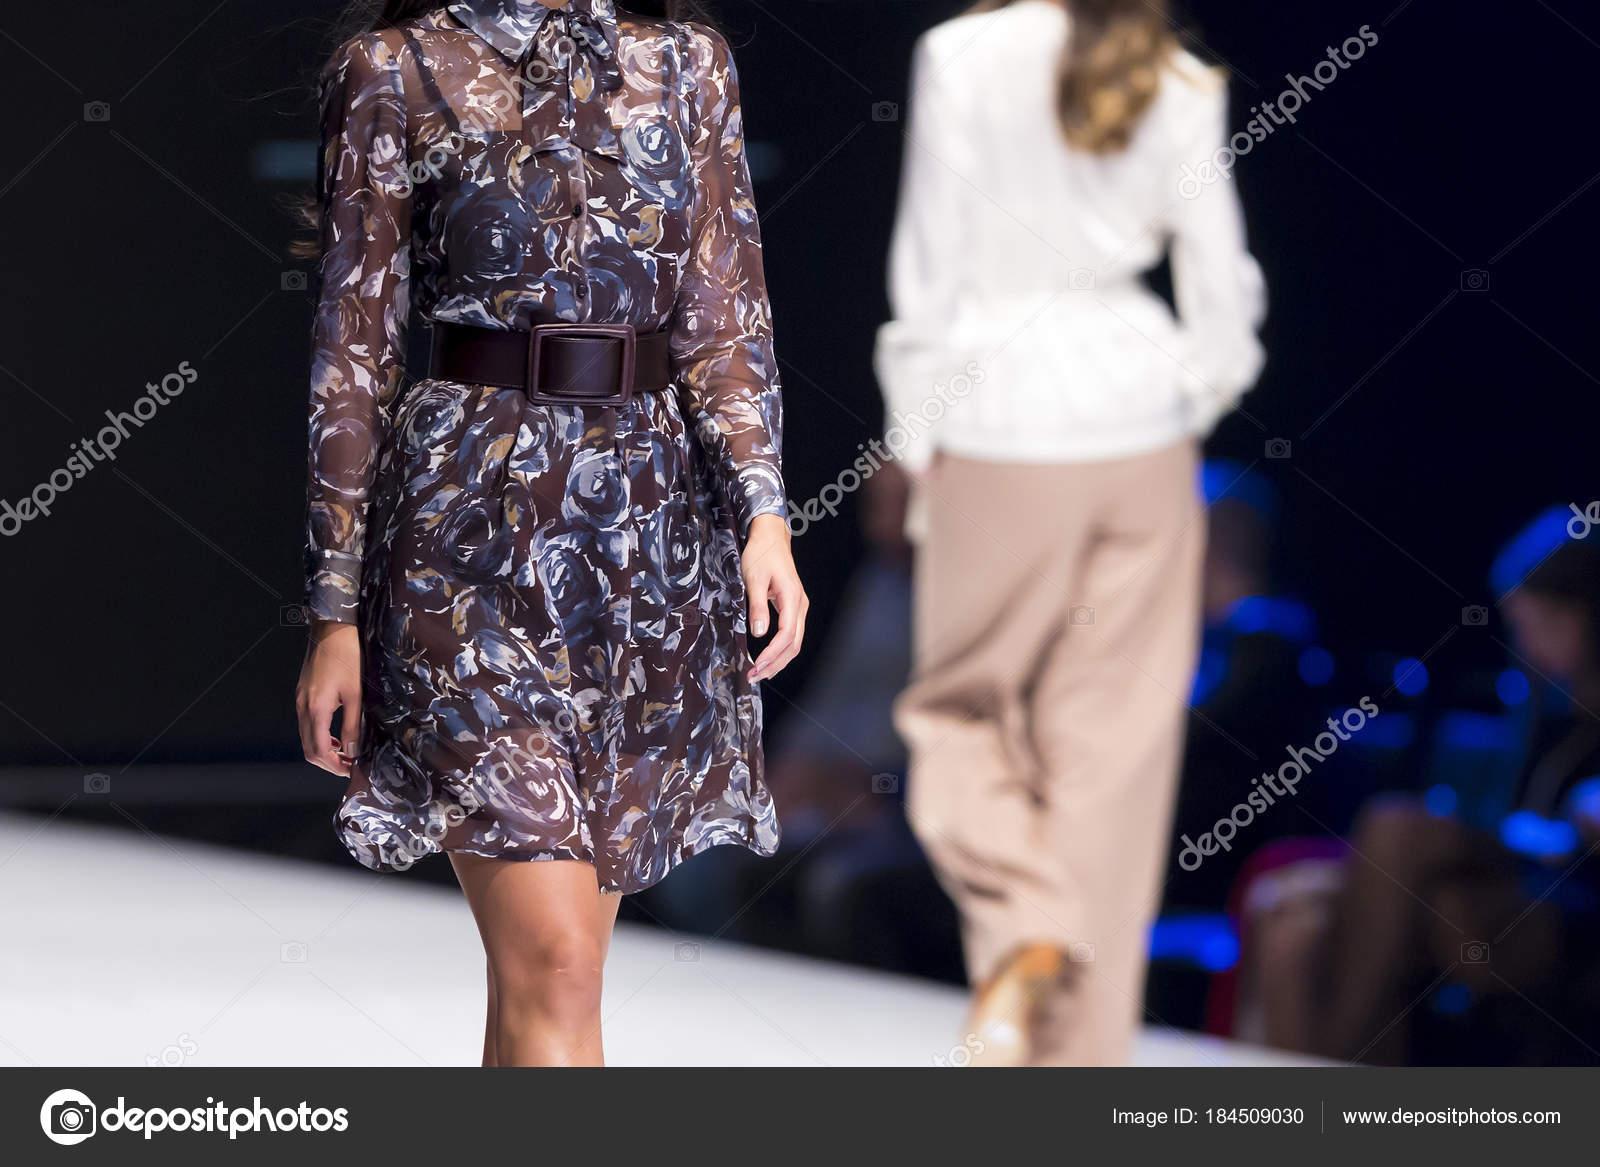 94464573cc Dois modelos femininos andar pista em vestidos diferentes durante um  desfile de moda. Evento de moda passarela mostrando a nova coleção de  roupas — Foto de ...